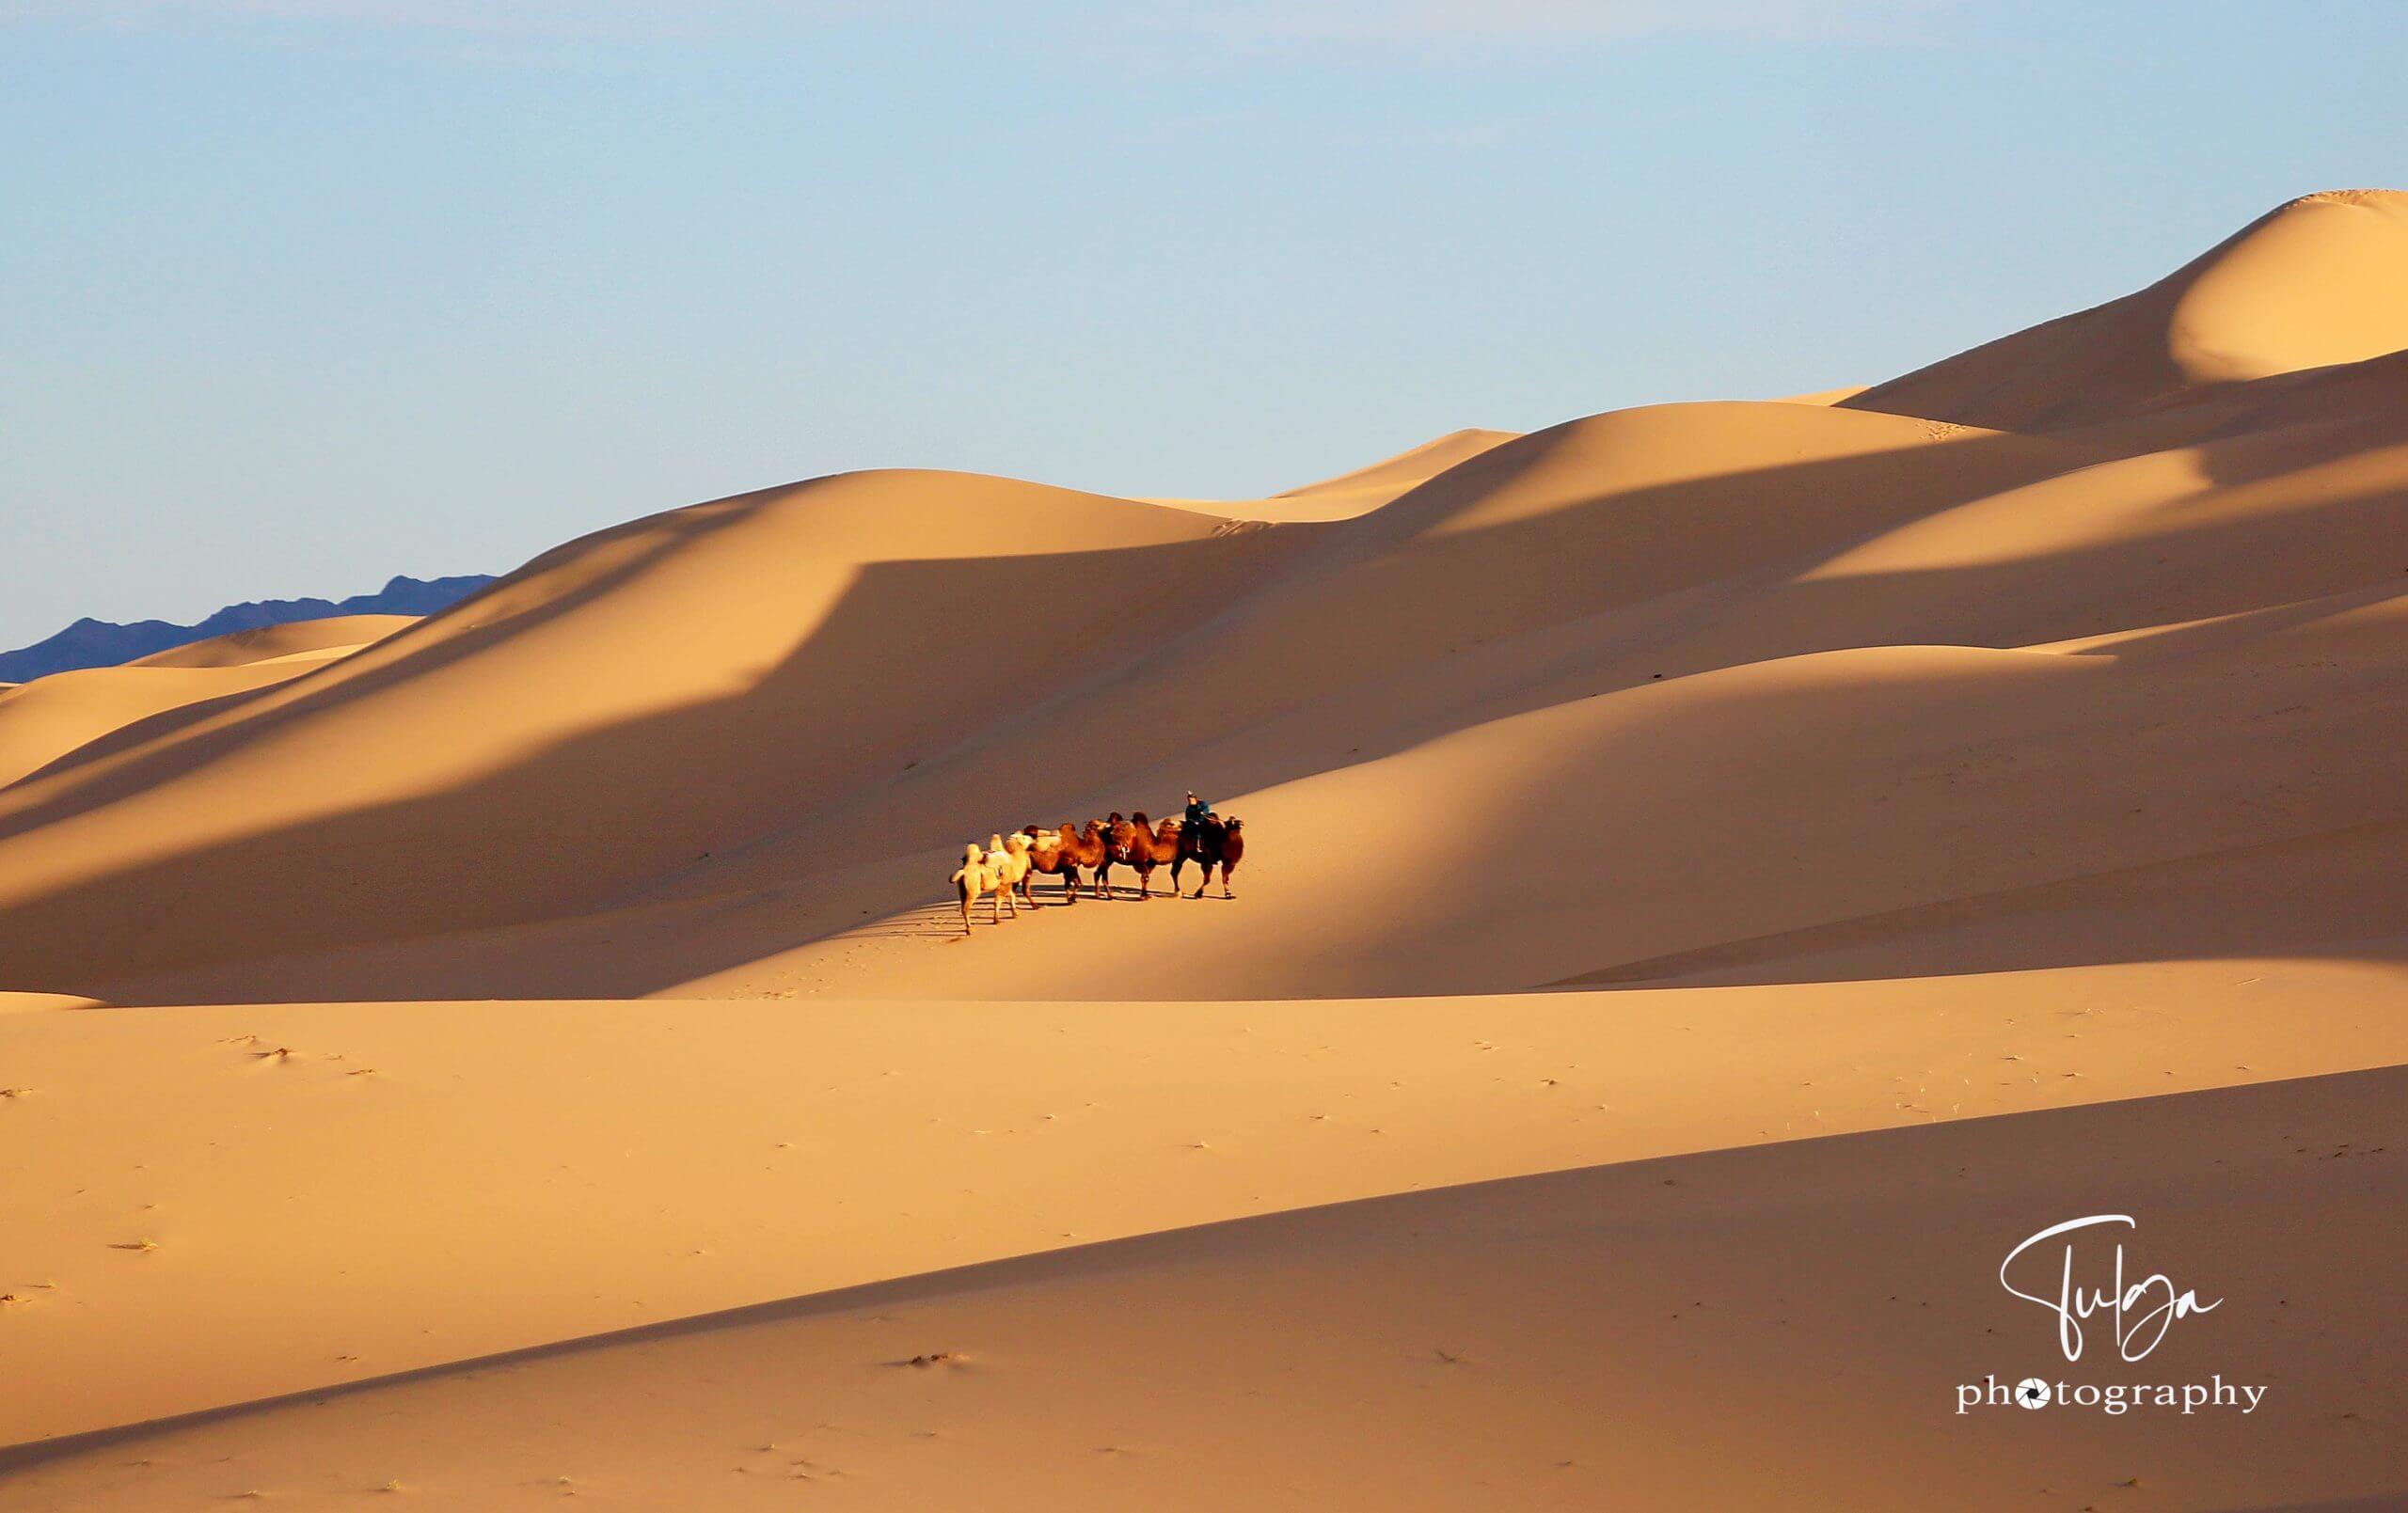 Mongolian gobi sunset with camel caravan